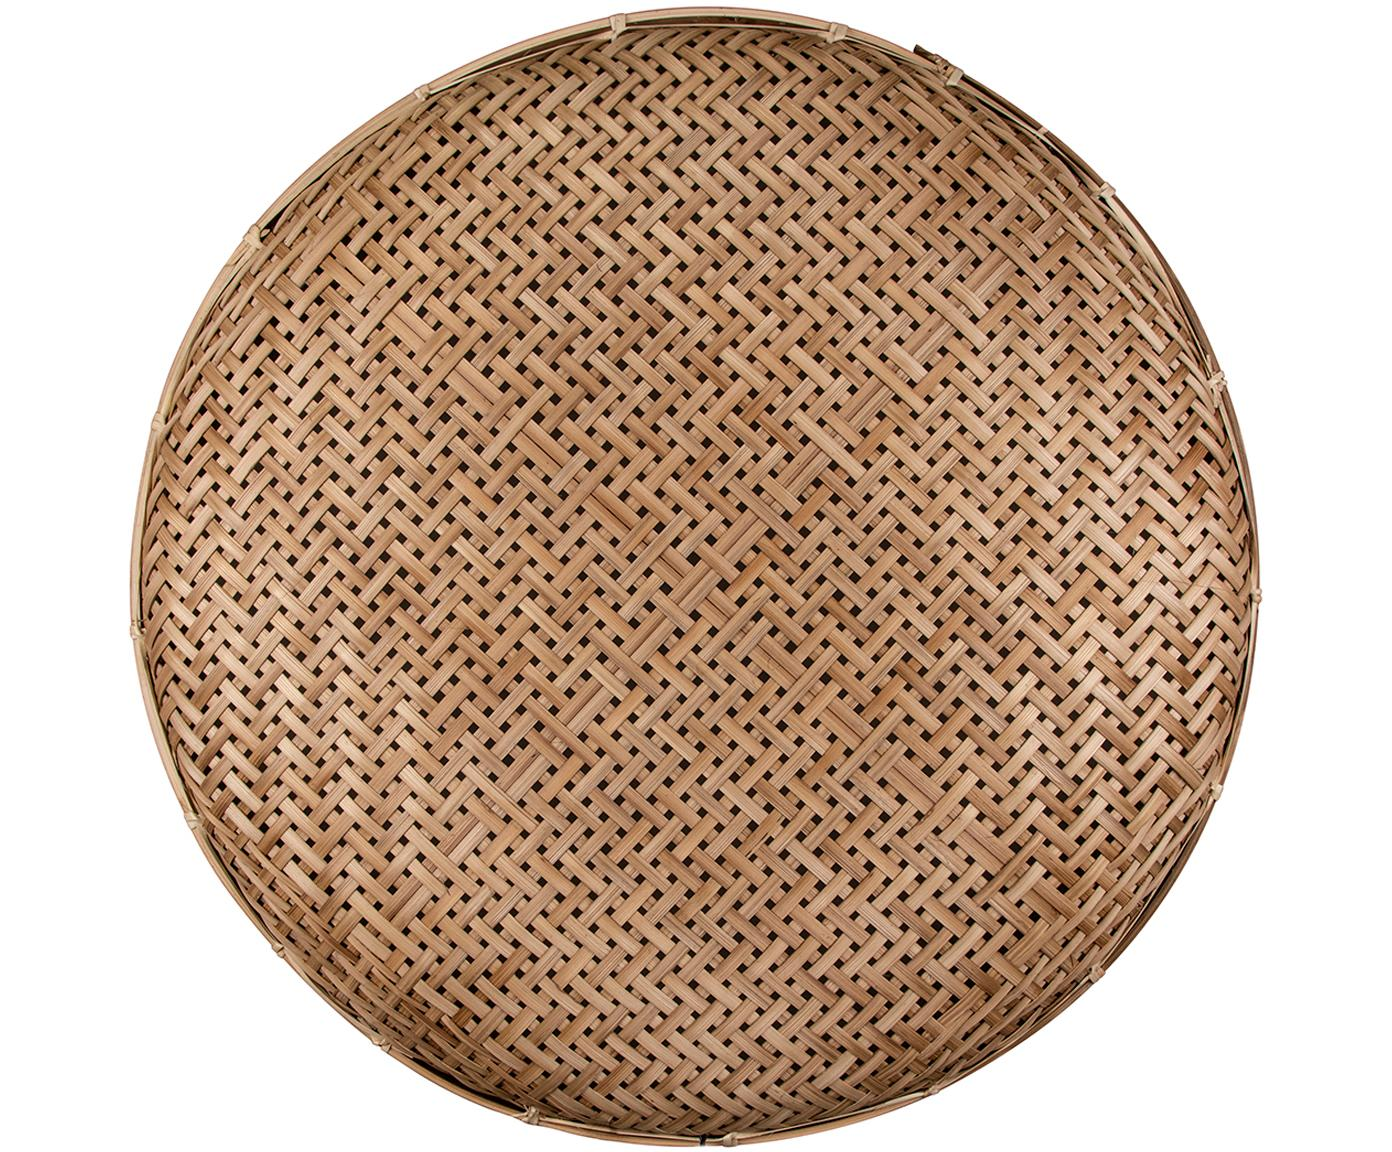 Kinkiet z rattanu z wtyczką Aruba, Rattan, Ø 50 x G 5 cm